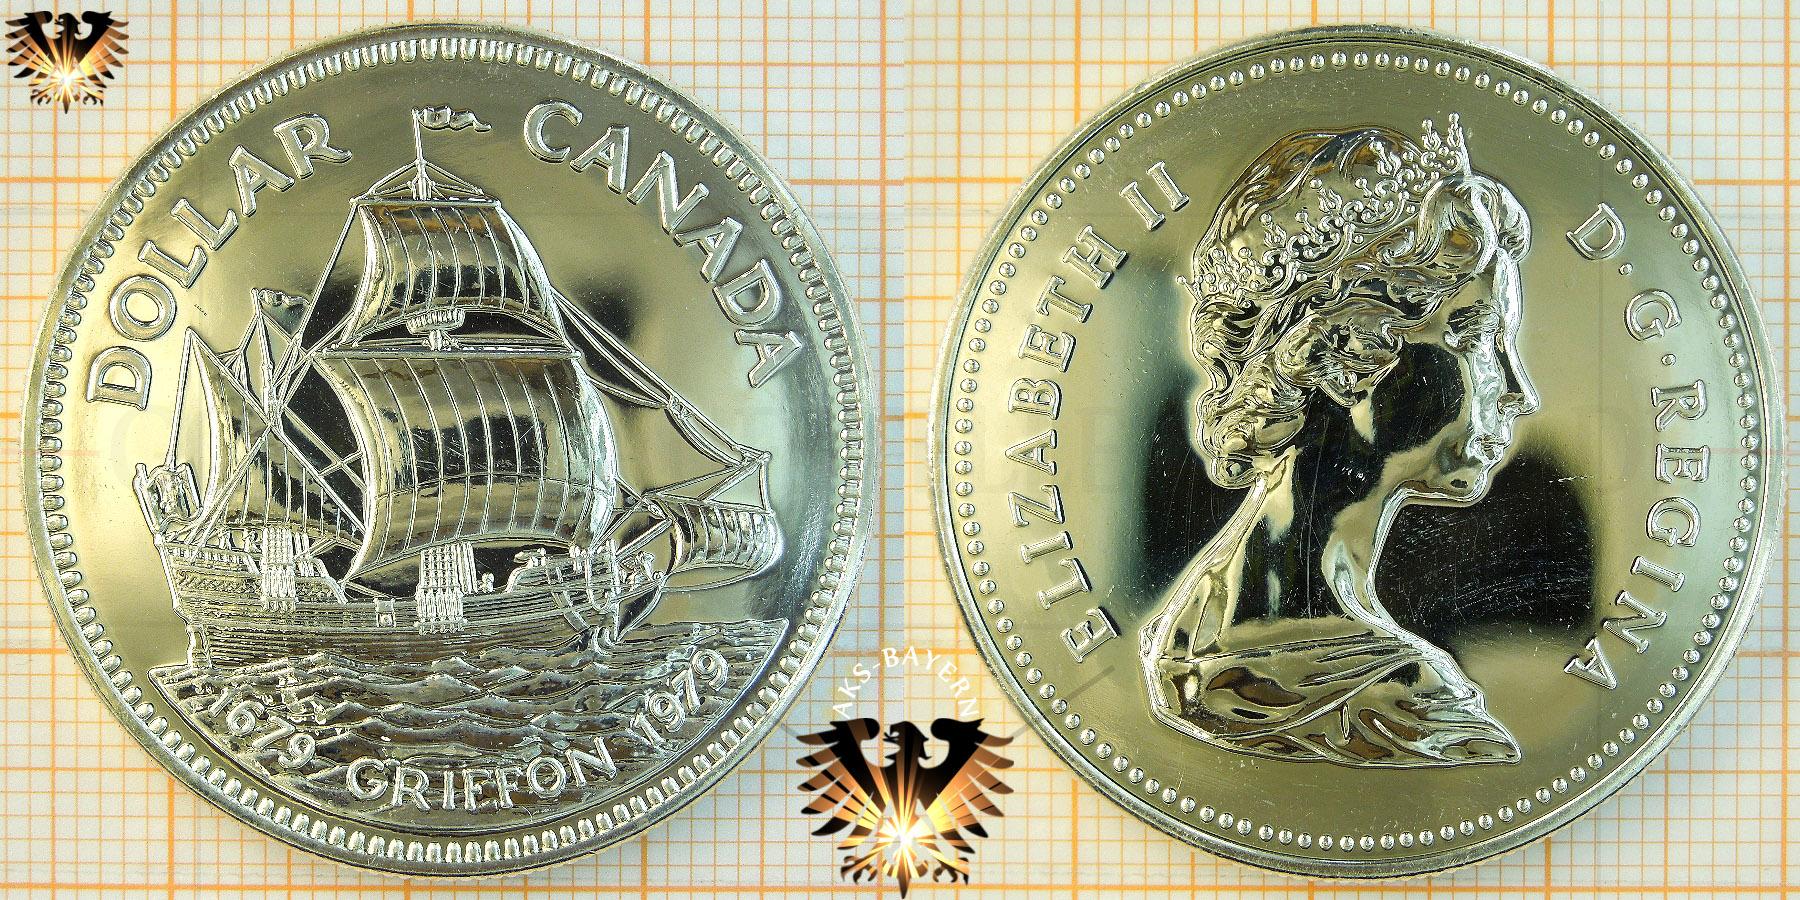 1 Dollar Canada Dollar 1979 Elizabeth Ii Griffon